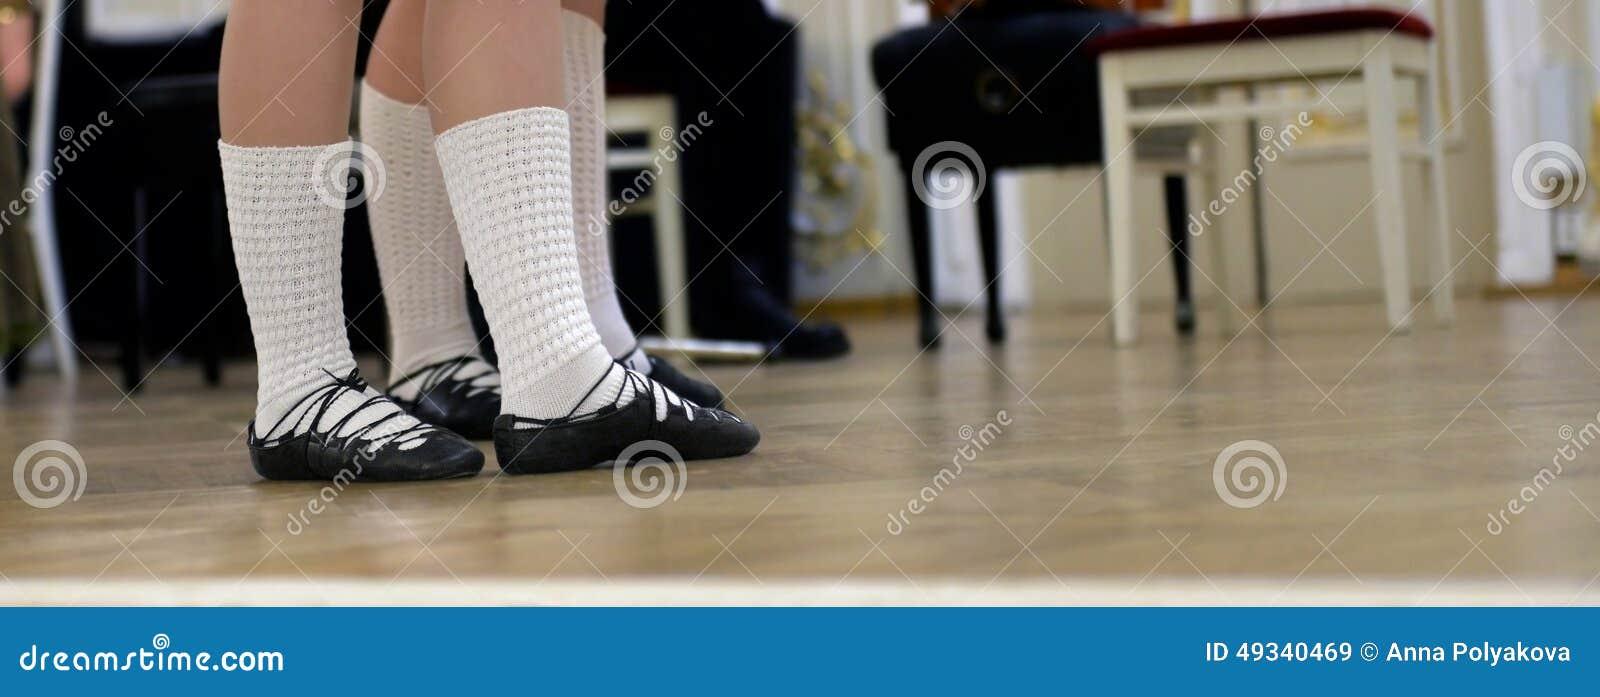 Dansersvoeten in schoenen voor Keltische dans worden geschoeid die